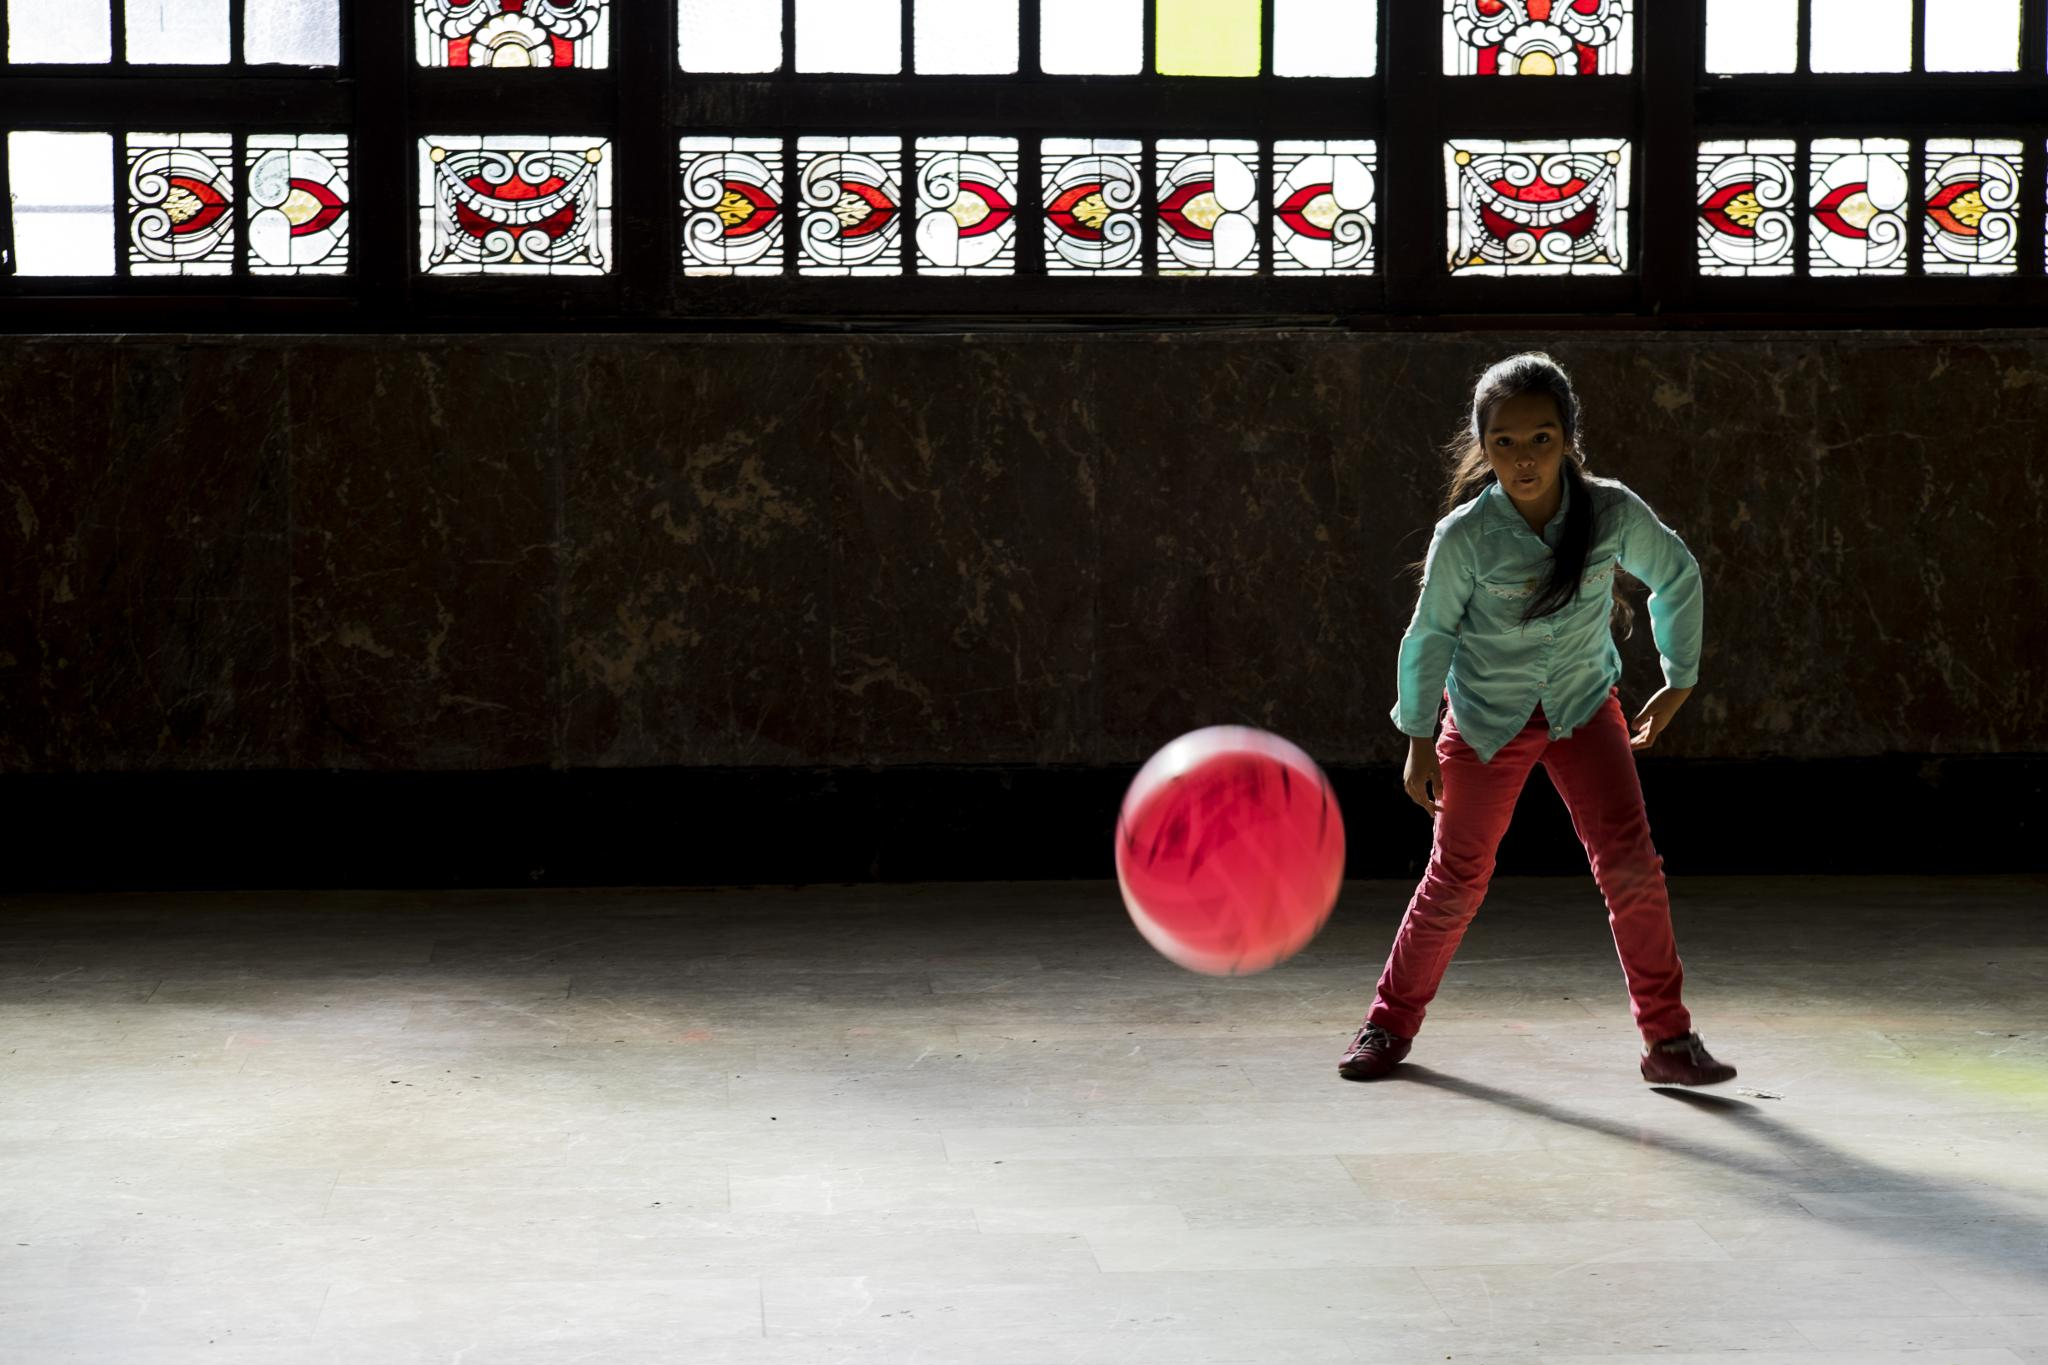 Children by Zafer Ergen